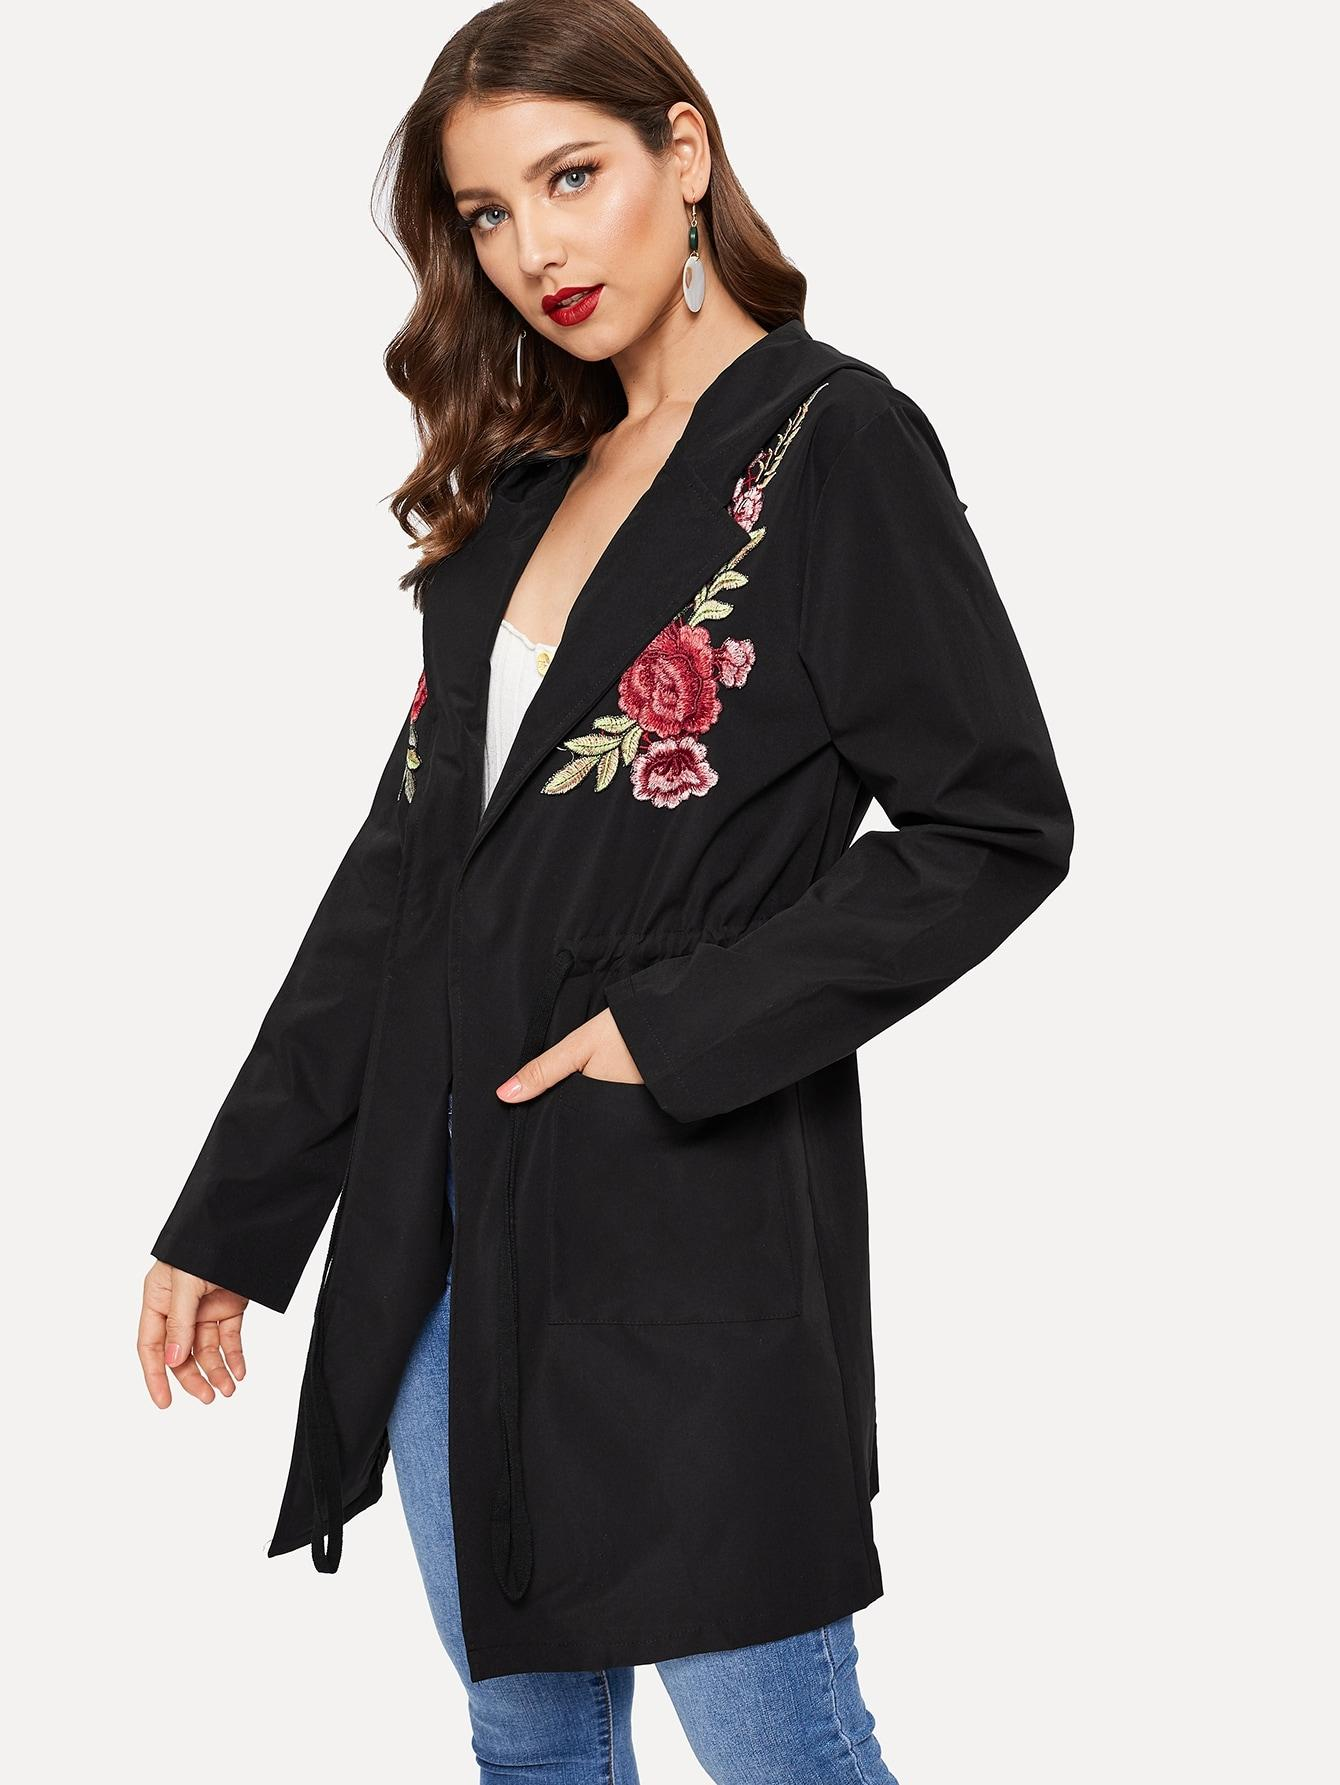 Пальто  Черный цвета